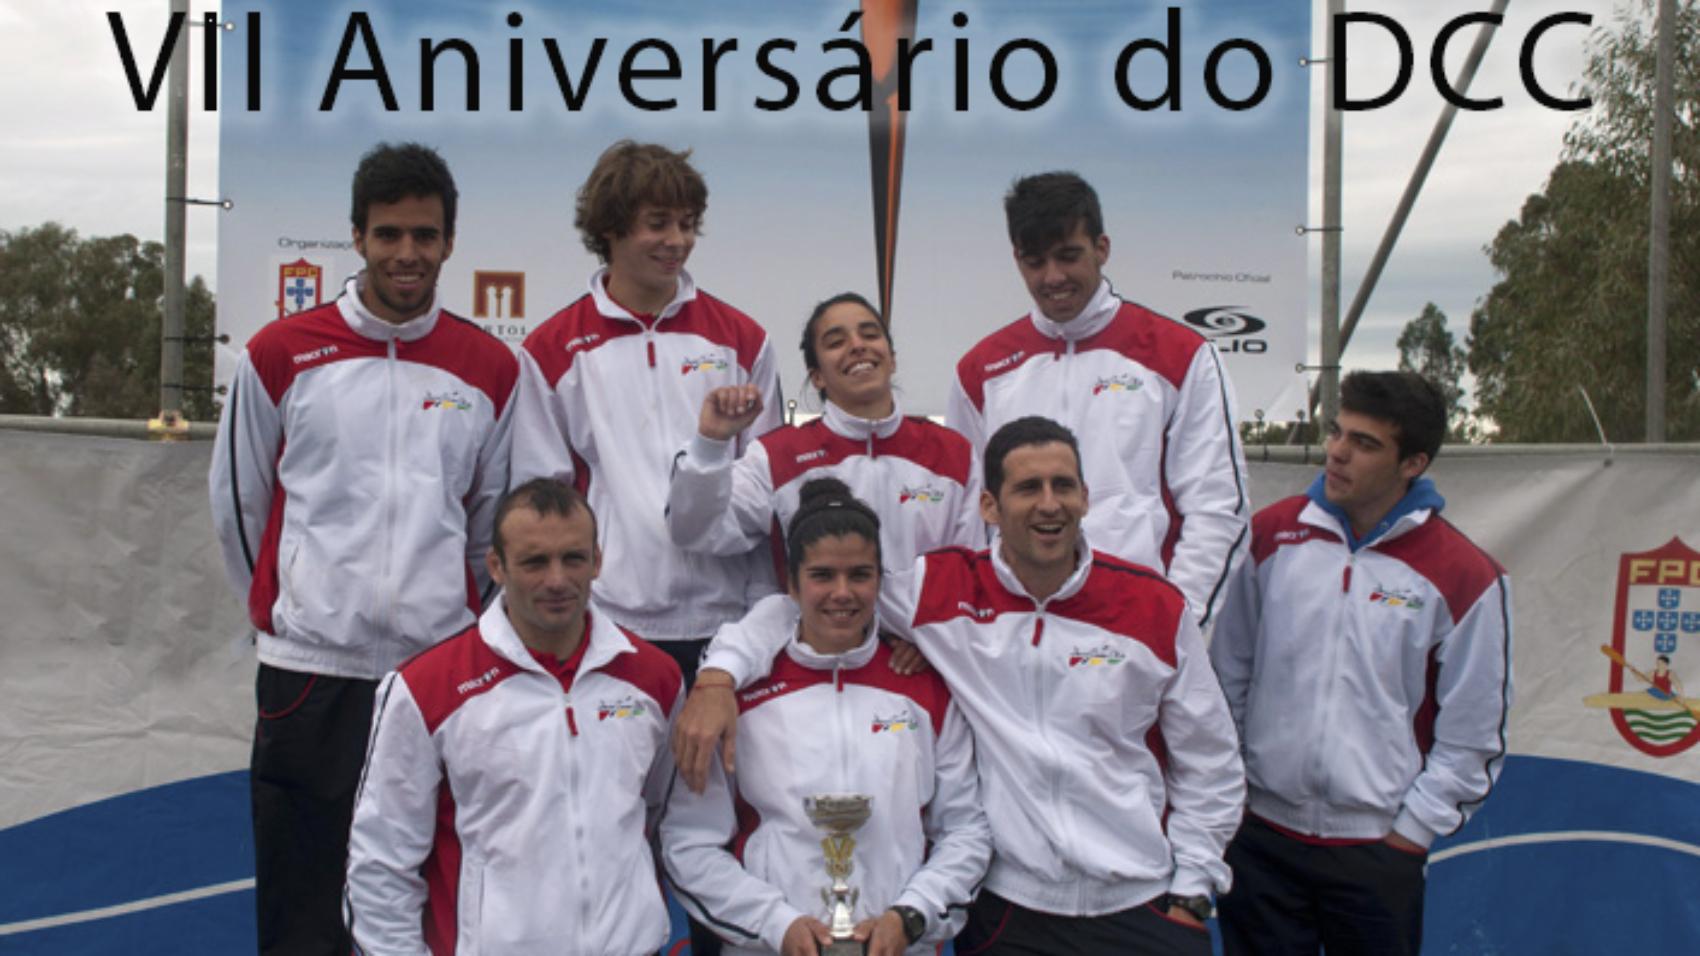 VII Aniversário da Fundação do Douro Canoa Clube blog Canoagem Corpos Sociais Divulgação Douro Canoa Clube